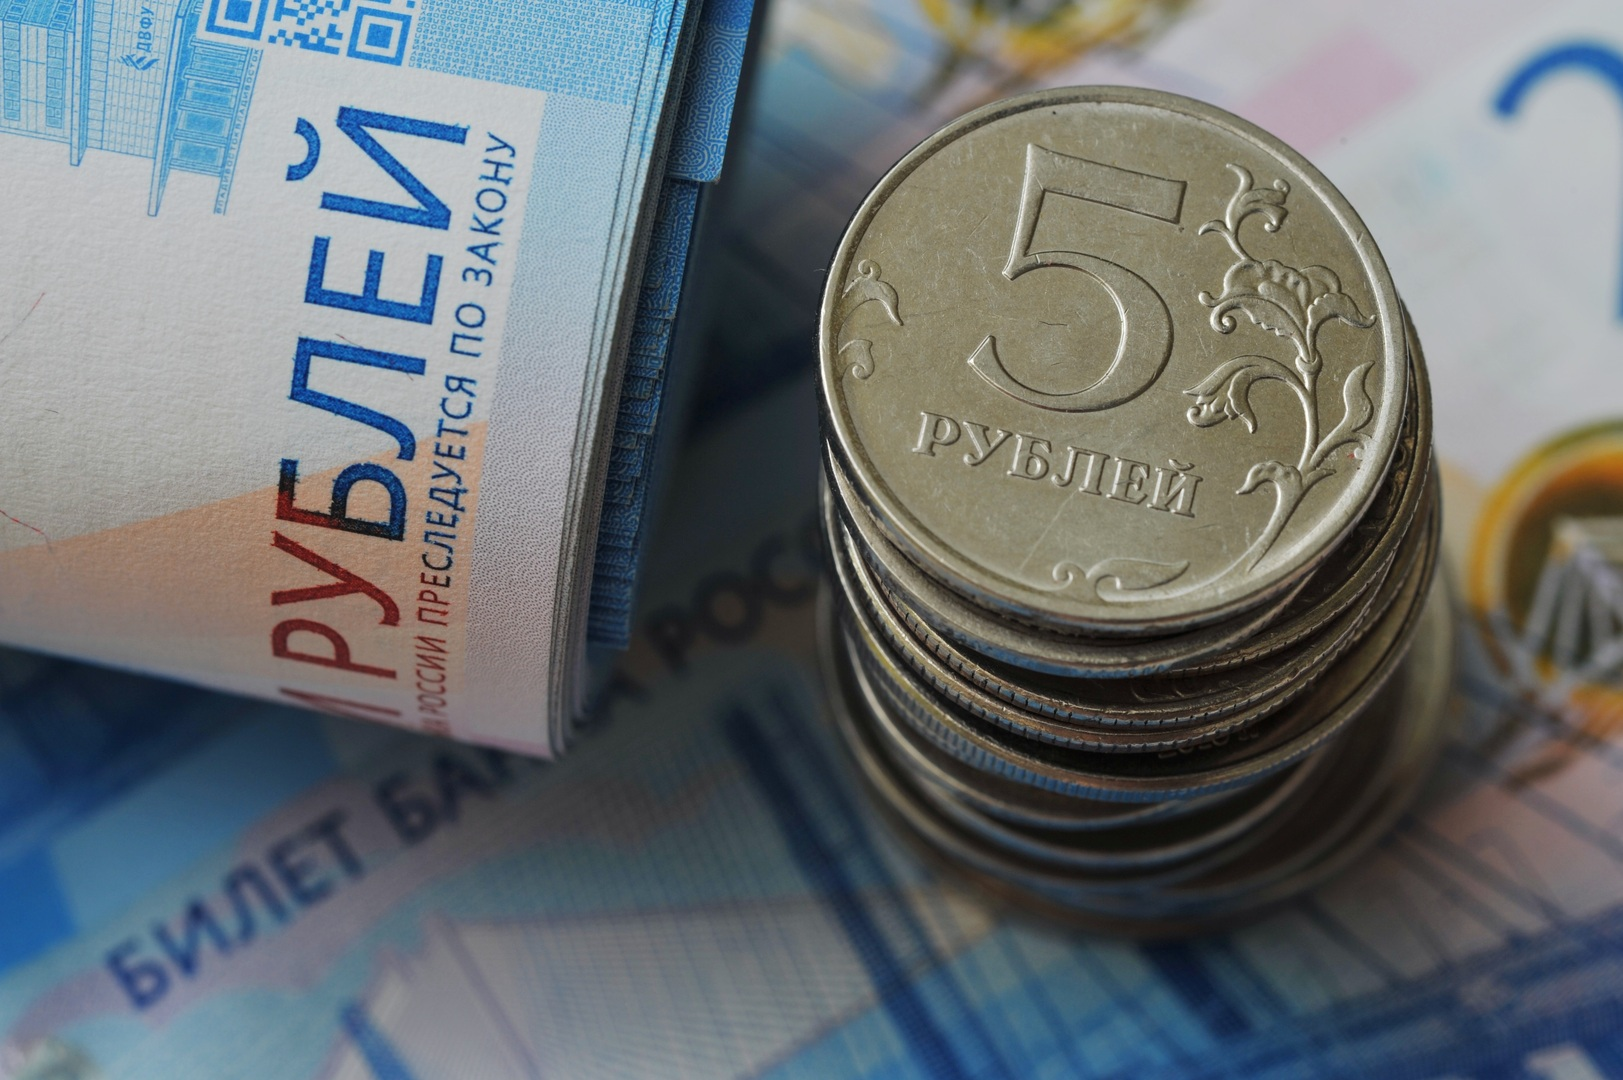 دول العالم تسدد مستوى قياسيا من ديونها لروسيا